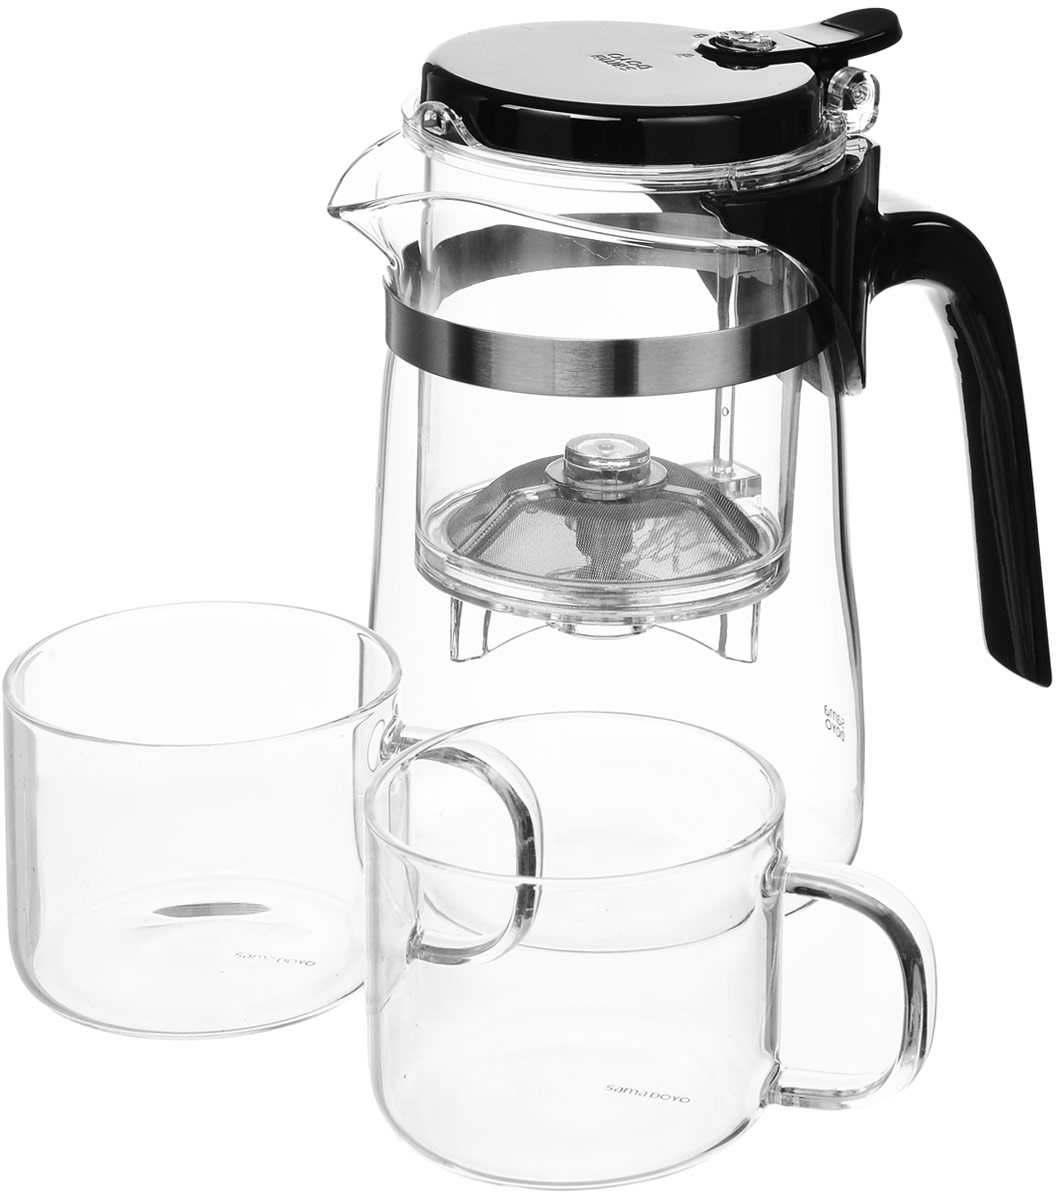 """Набор для чая SAMADOYO  """"SAG-08+"""" состоит из заварочного чайника и двух чашек. Заварочный чайник изготовлен из высококачественного термостойкого стекла и  пластика. Он удобен в использовании, любой человек, даже не имеющий большого опыта в  заваривании чая, сможет заварить в нем чай до правильной консистенции без риска  перезаварить чай. При нажатии на кнопку заваренный настой из фильтра переливается в нижнюю  часть чайника, процесс заварки останавливается, а чаинки остаются в фильтре. Чашки выполнены из боросиликатного стекла, что делает их устойчивыми к перепадам  температур. Благодаря этому они намного легче и прочнее, чем обычное стекло. Прозрачность  позволяет полностью насладиться красивым видом заваренного чая. Диаметр чайника (по верхнему краю): 8 см. Высота чайника: 15 см. Объем чайника: 500 мл. Размер колбы с фильтром (с учетом крышки): 9,5 х 7,5 х 10,5 см. Объем колбы с фильтром: 250 мл. Диаметр чашки (по верхнему краю): 6,5 см. Высота стенки чашки: 5 см. Объем чашки: 150 мл."""